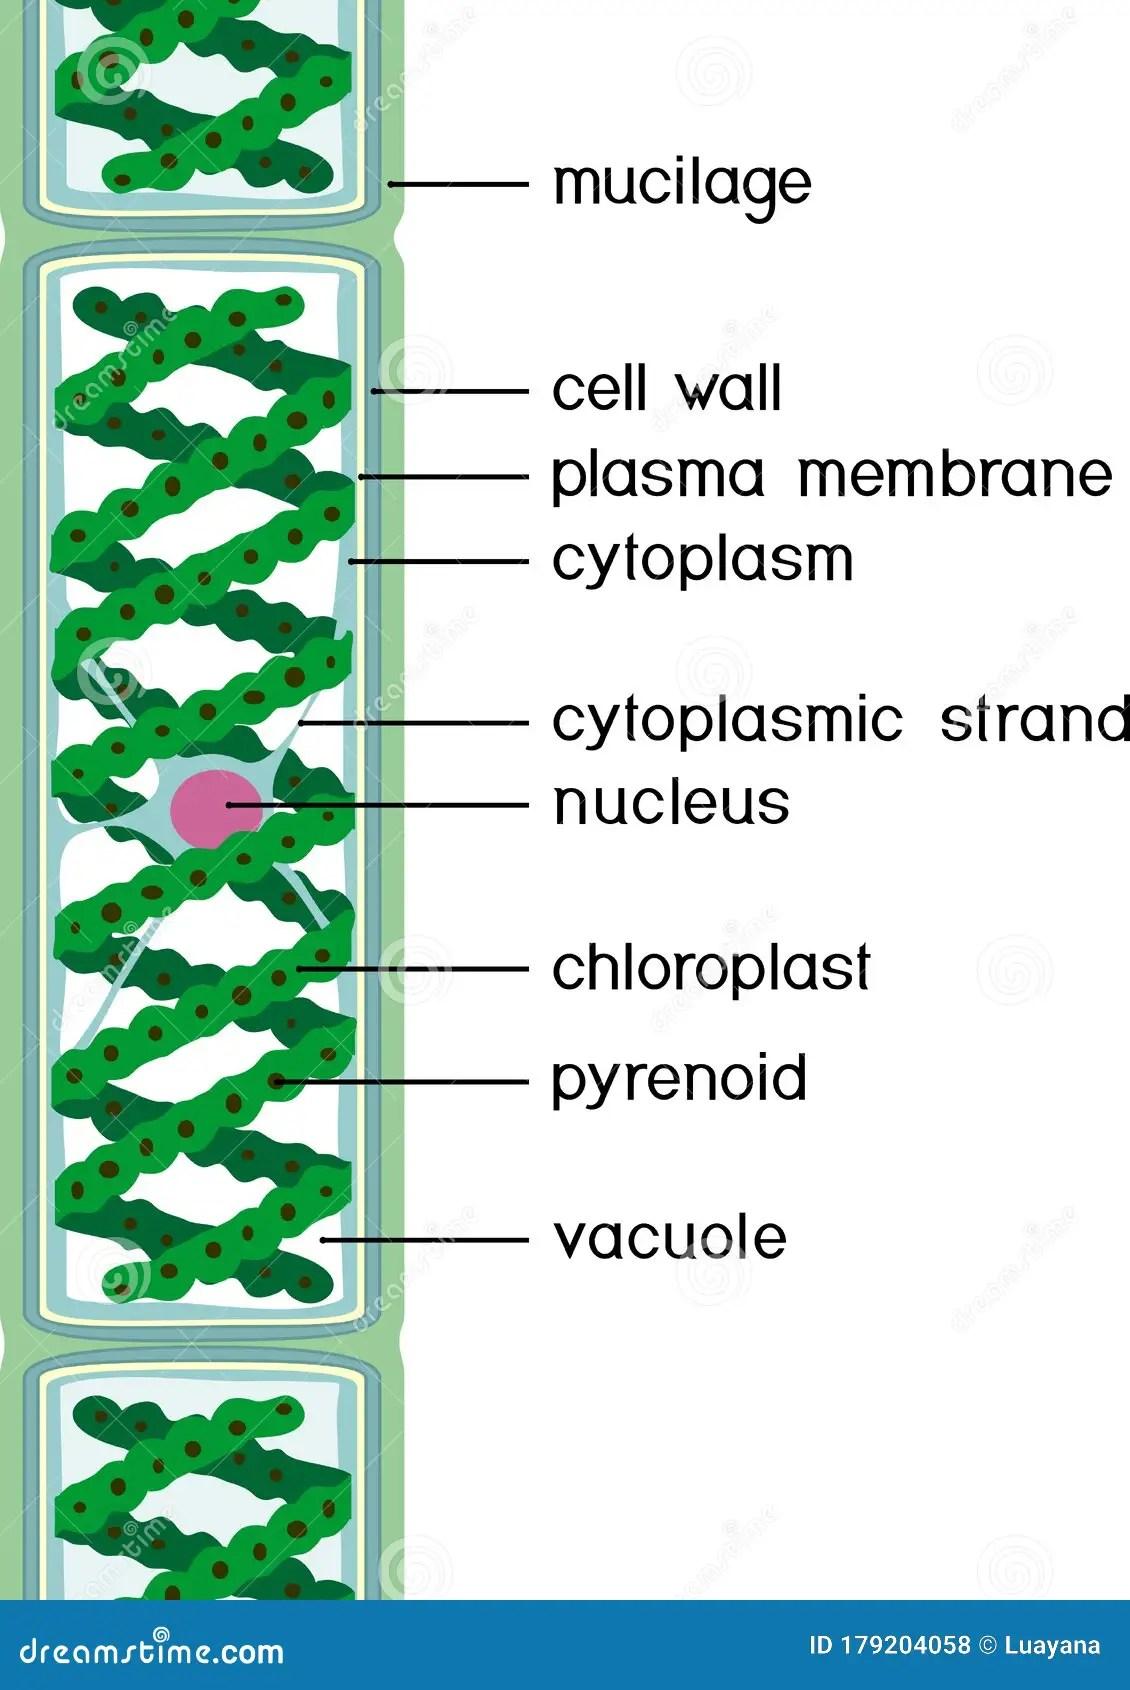 Spirogyra Labelled Diagram : spirogyra, labelled, diagram, Structure, Spirogyra, Charophyte, Green, Algae, Titles, Stock, Vector, Illustration, Cell,, Biology:, 179204058